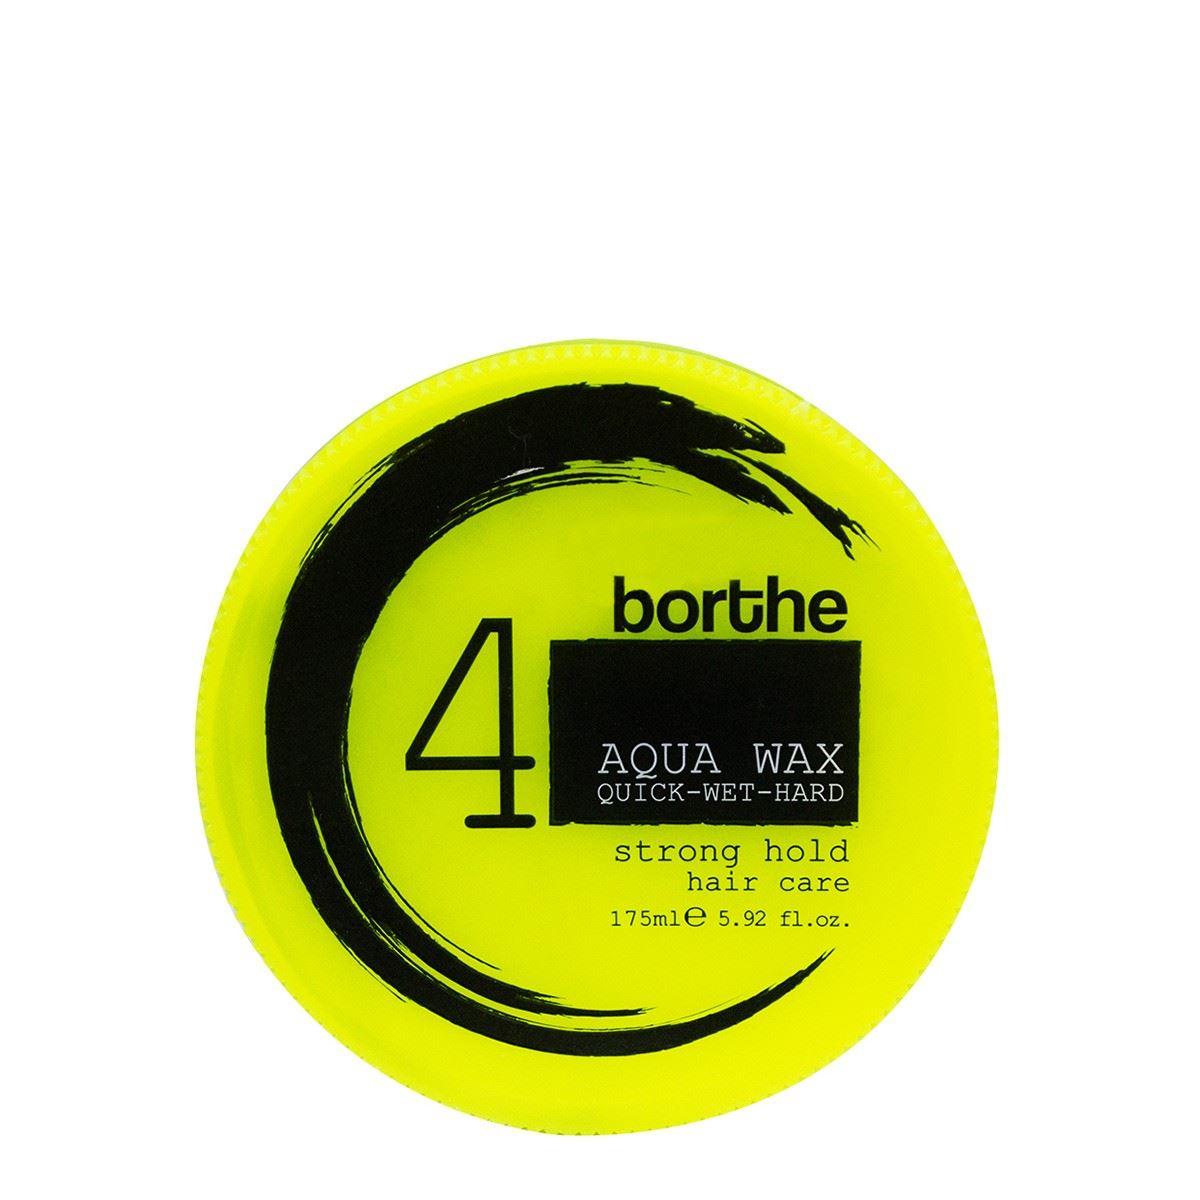 Borthe Aqua Wax No:4 175 ml.